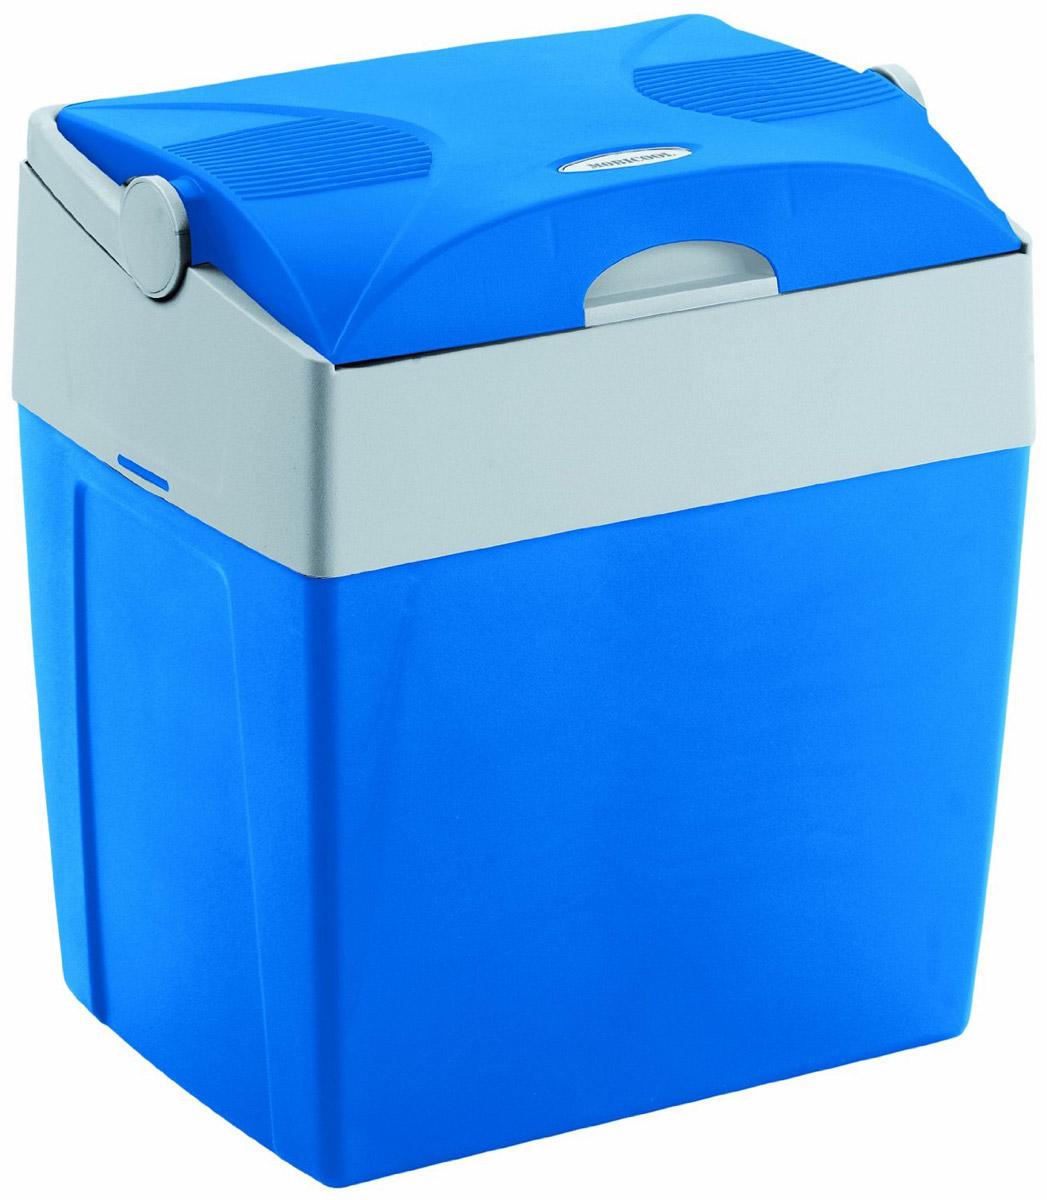 Фото - MOBICOOL U30DC автохолодильник, цвет: в ассортименте [супермаркет] jingdong геб scybe фил приблизительно круглая чашка установлена в вертикальном положении стеклянной чашки 290мла 6 z